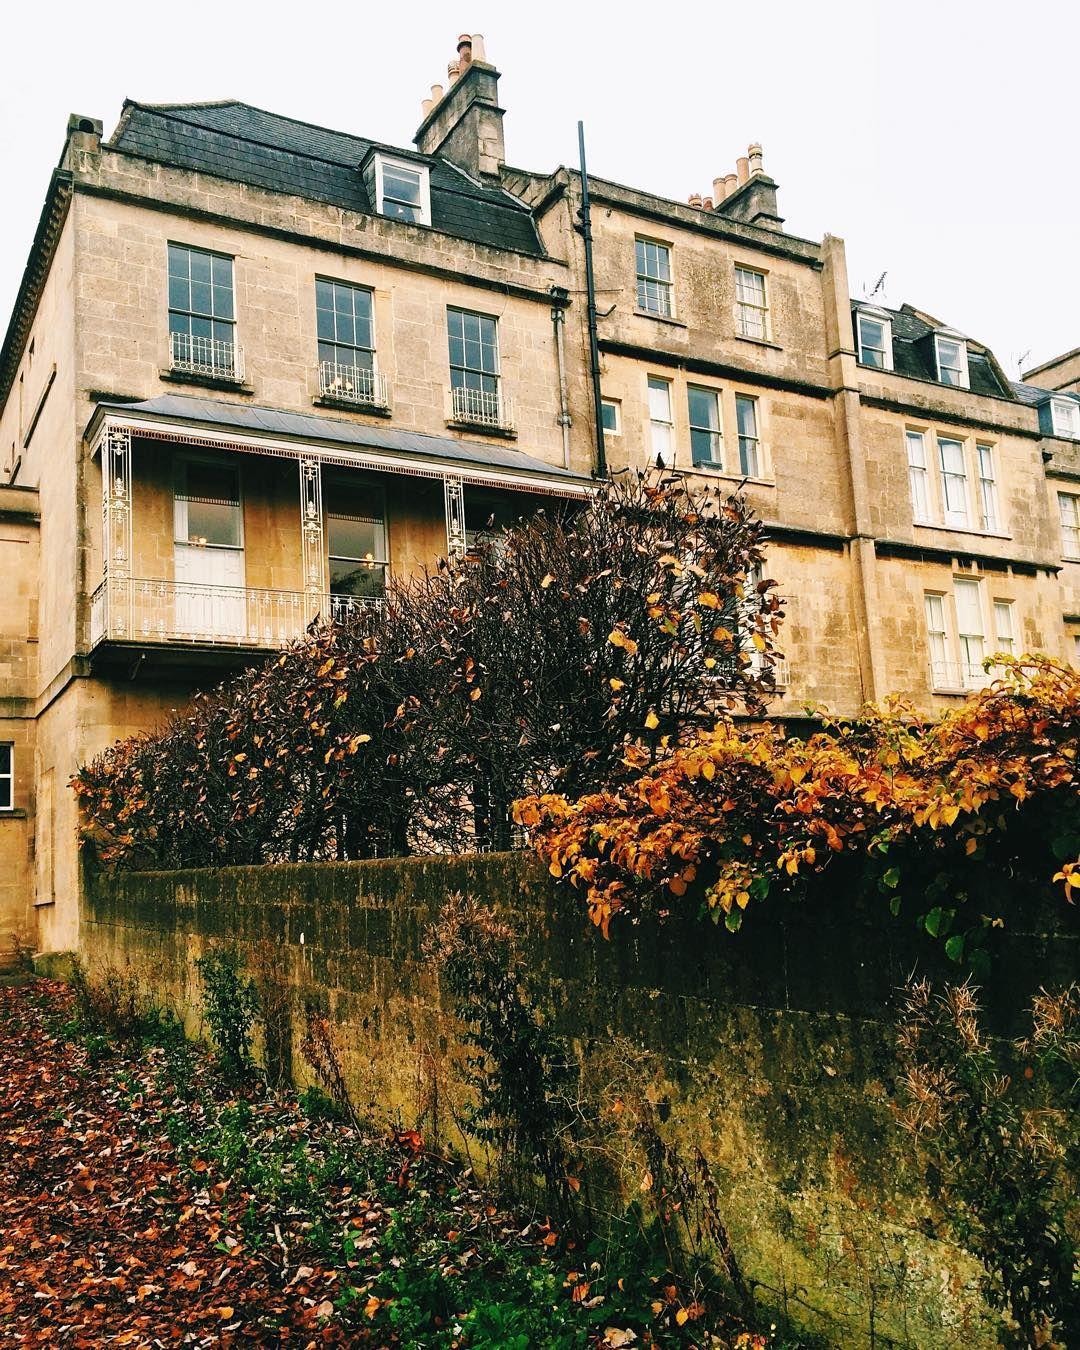 """""""Neighboring Royal Crescent. #besthome #autumn #autumninthecity #autumninbath #slowliving #colorsofbath  #bathisbeautiful #thisisbath #autumninuk…"""""""